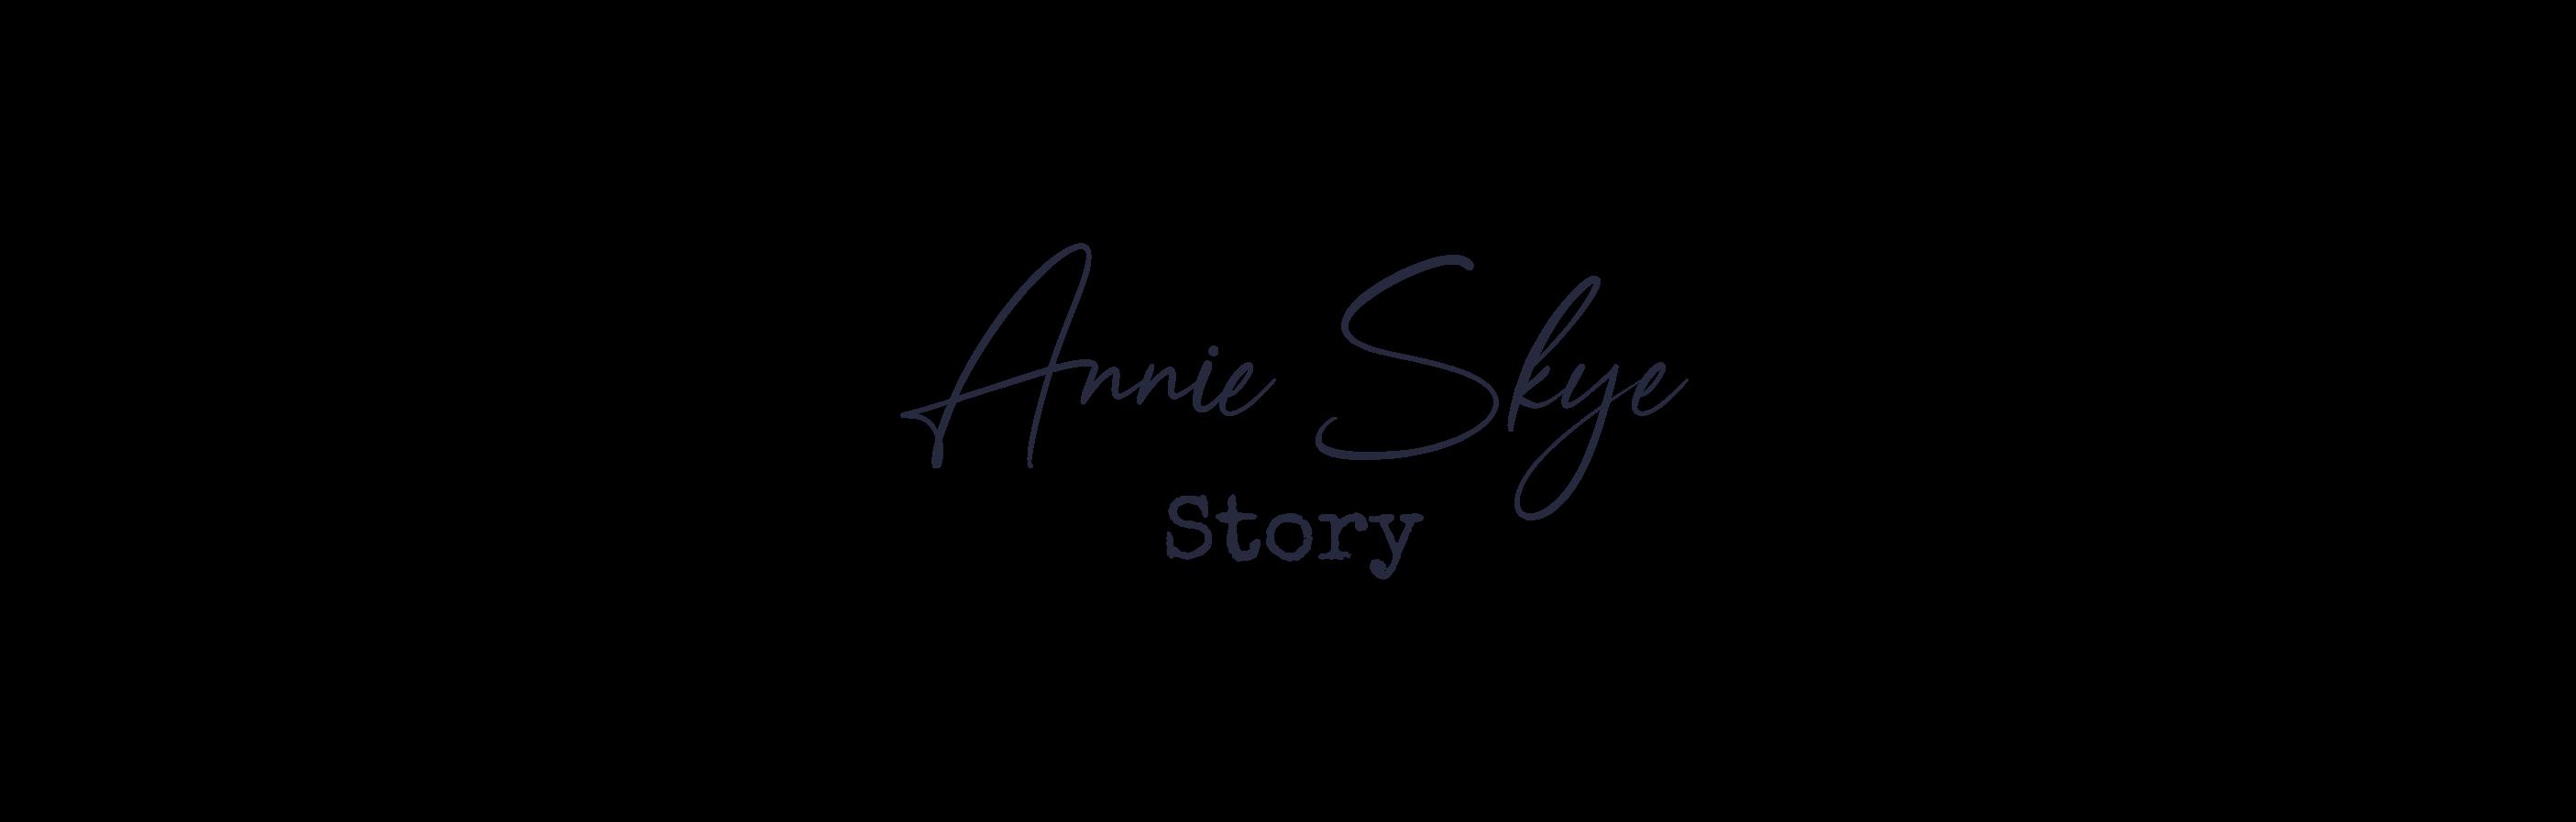 Annie Skye, Magie, Tarot, Spiritualität